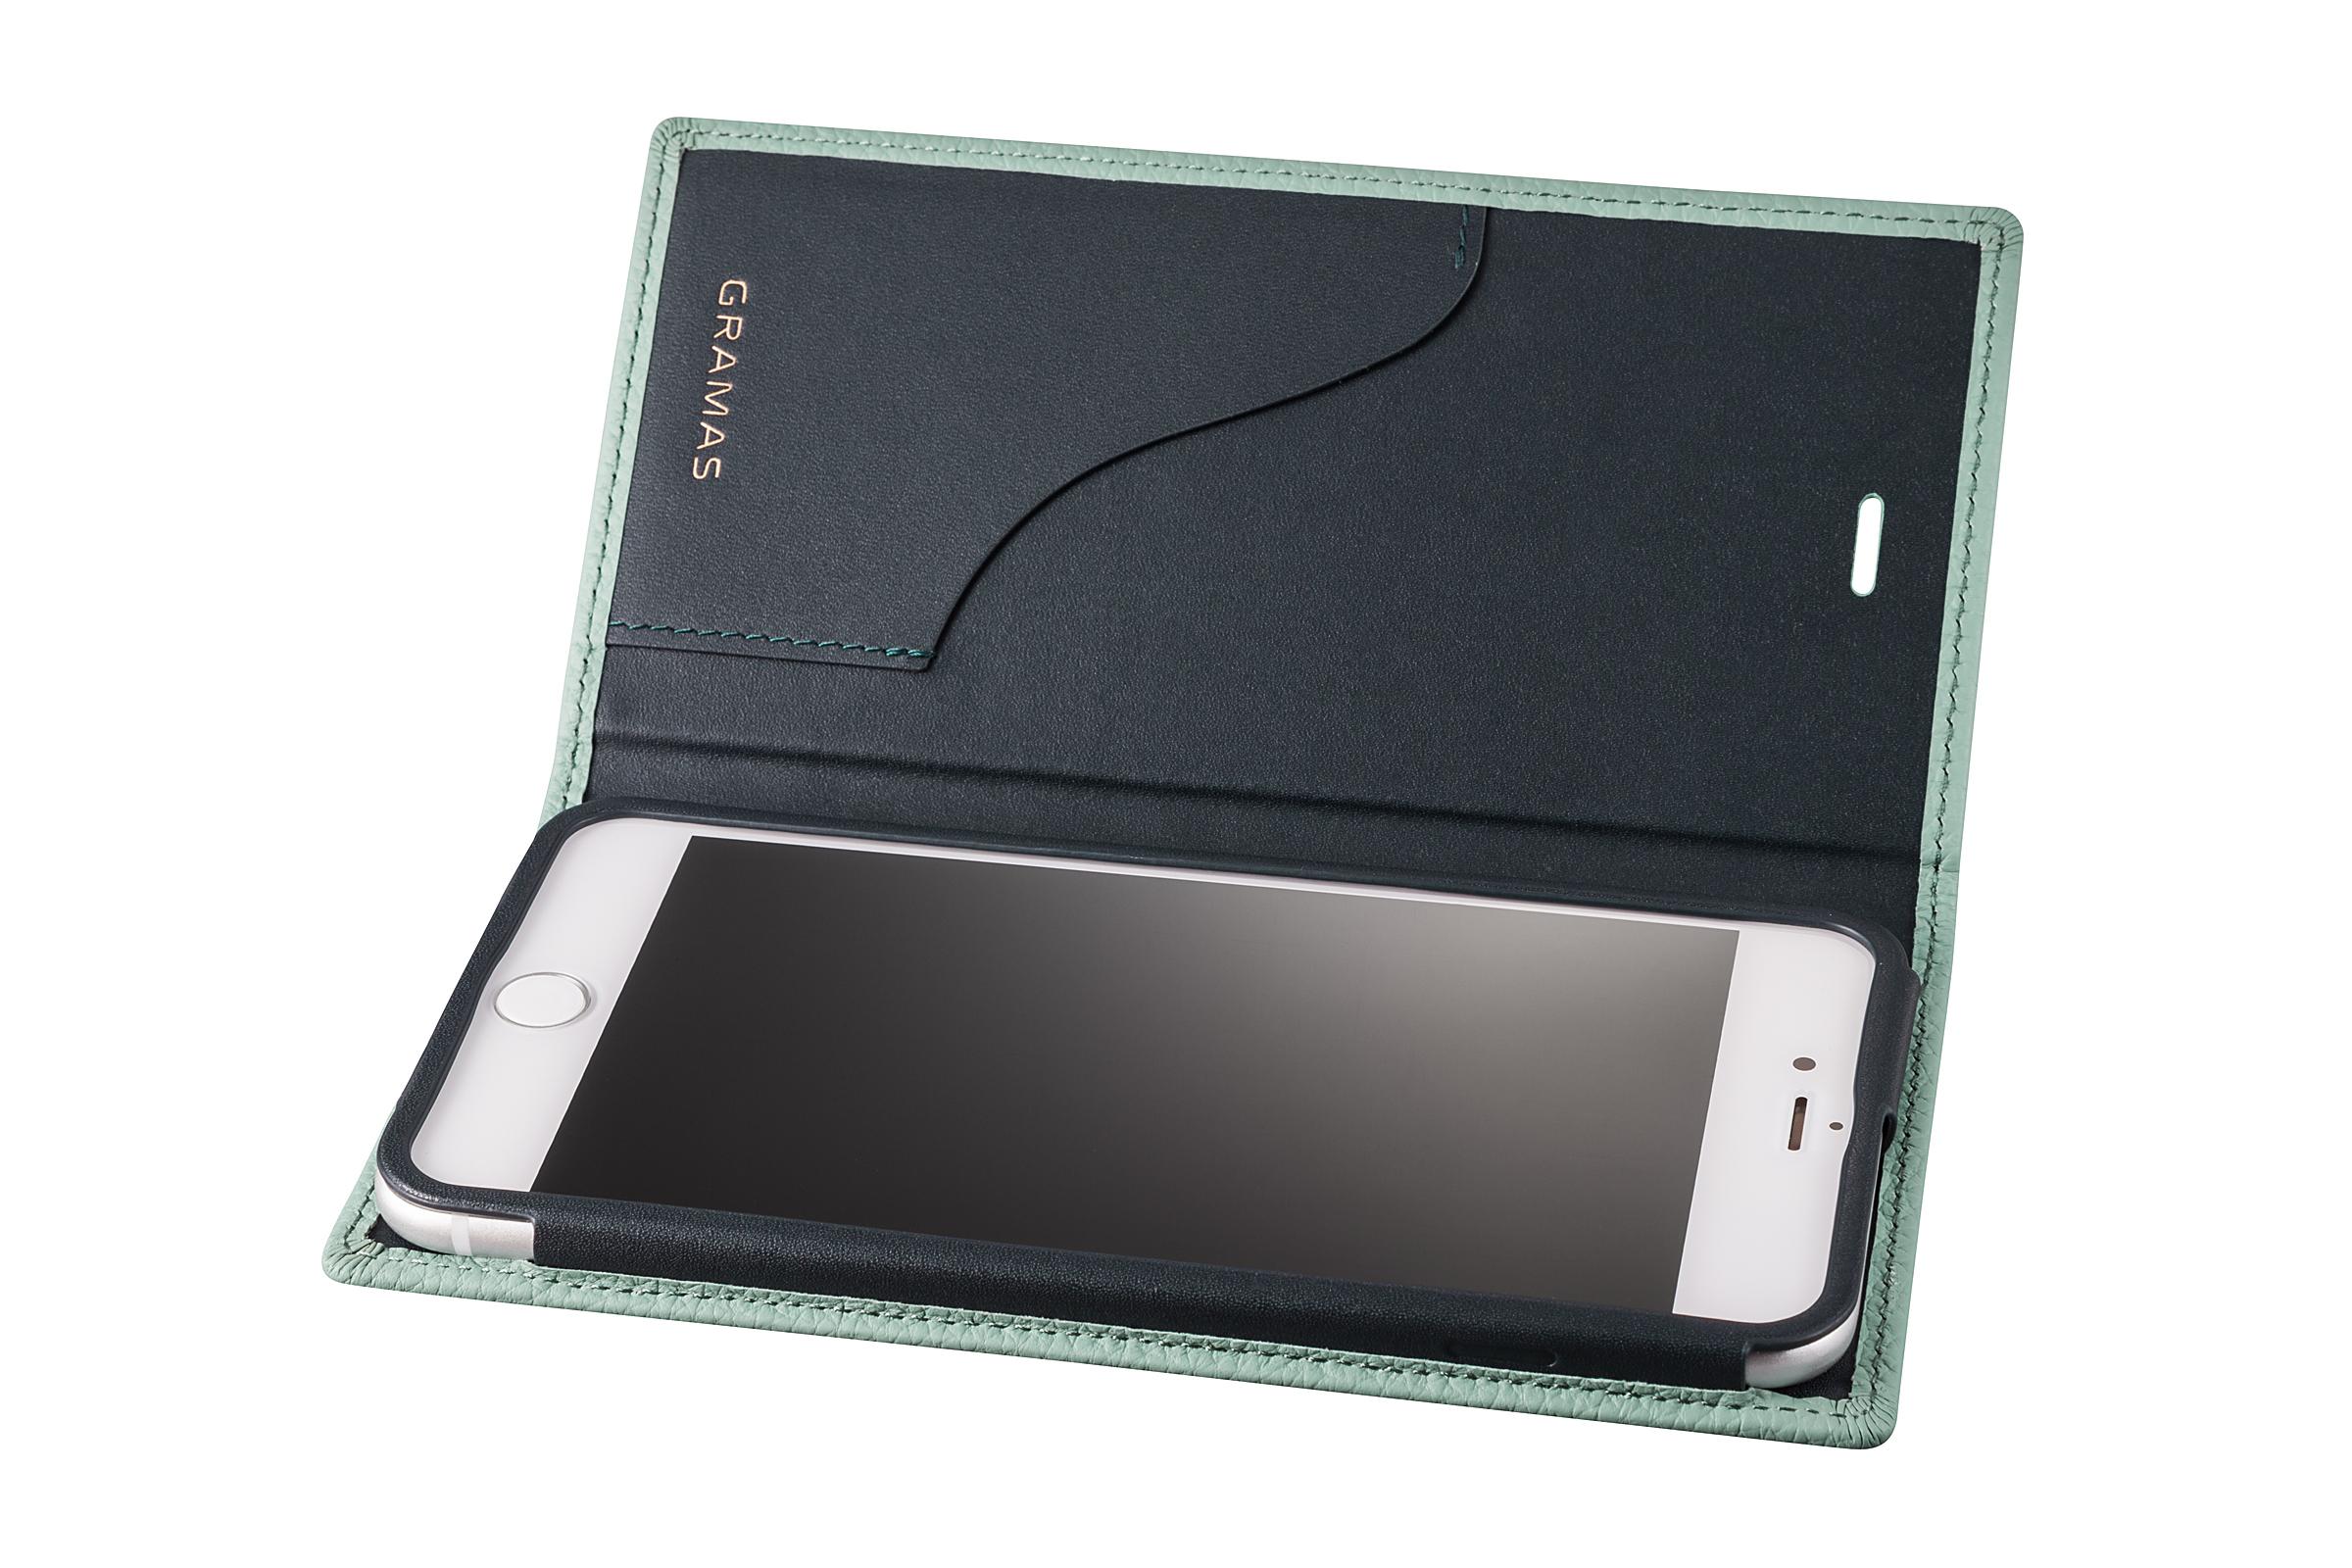 GRAMAS Shrunken-calf Full Leather Case for iPhone 7 Plus(Blue) シュランケンカーフ 手帳型フルレザーケース - 画像3